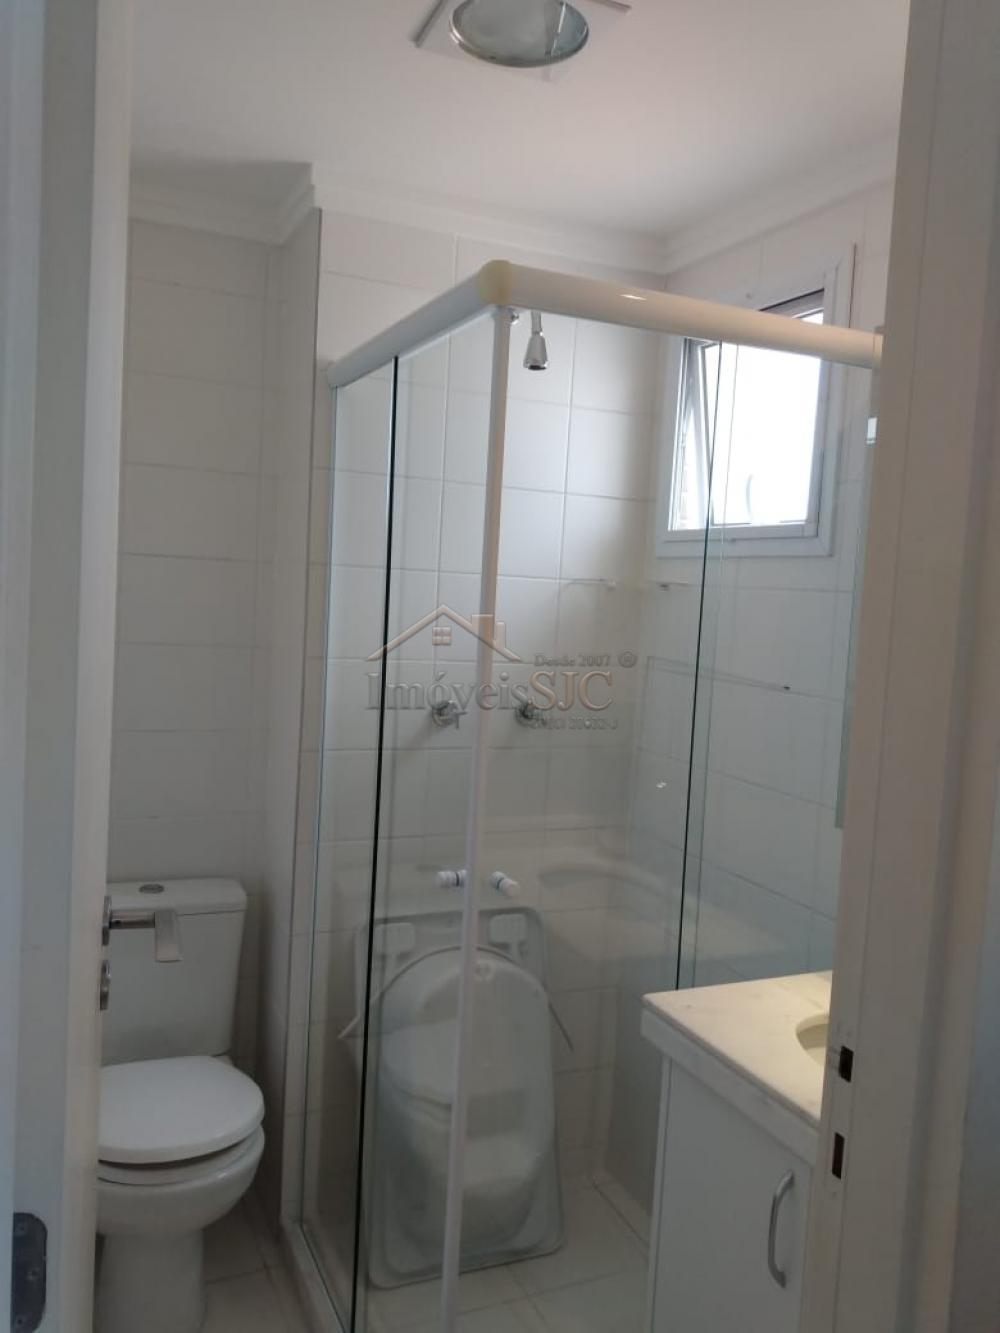 Comprar Apartamentos / Padrão em São José dos Campos apenas R$ 585.000,00 - Foto 23